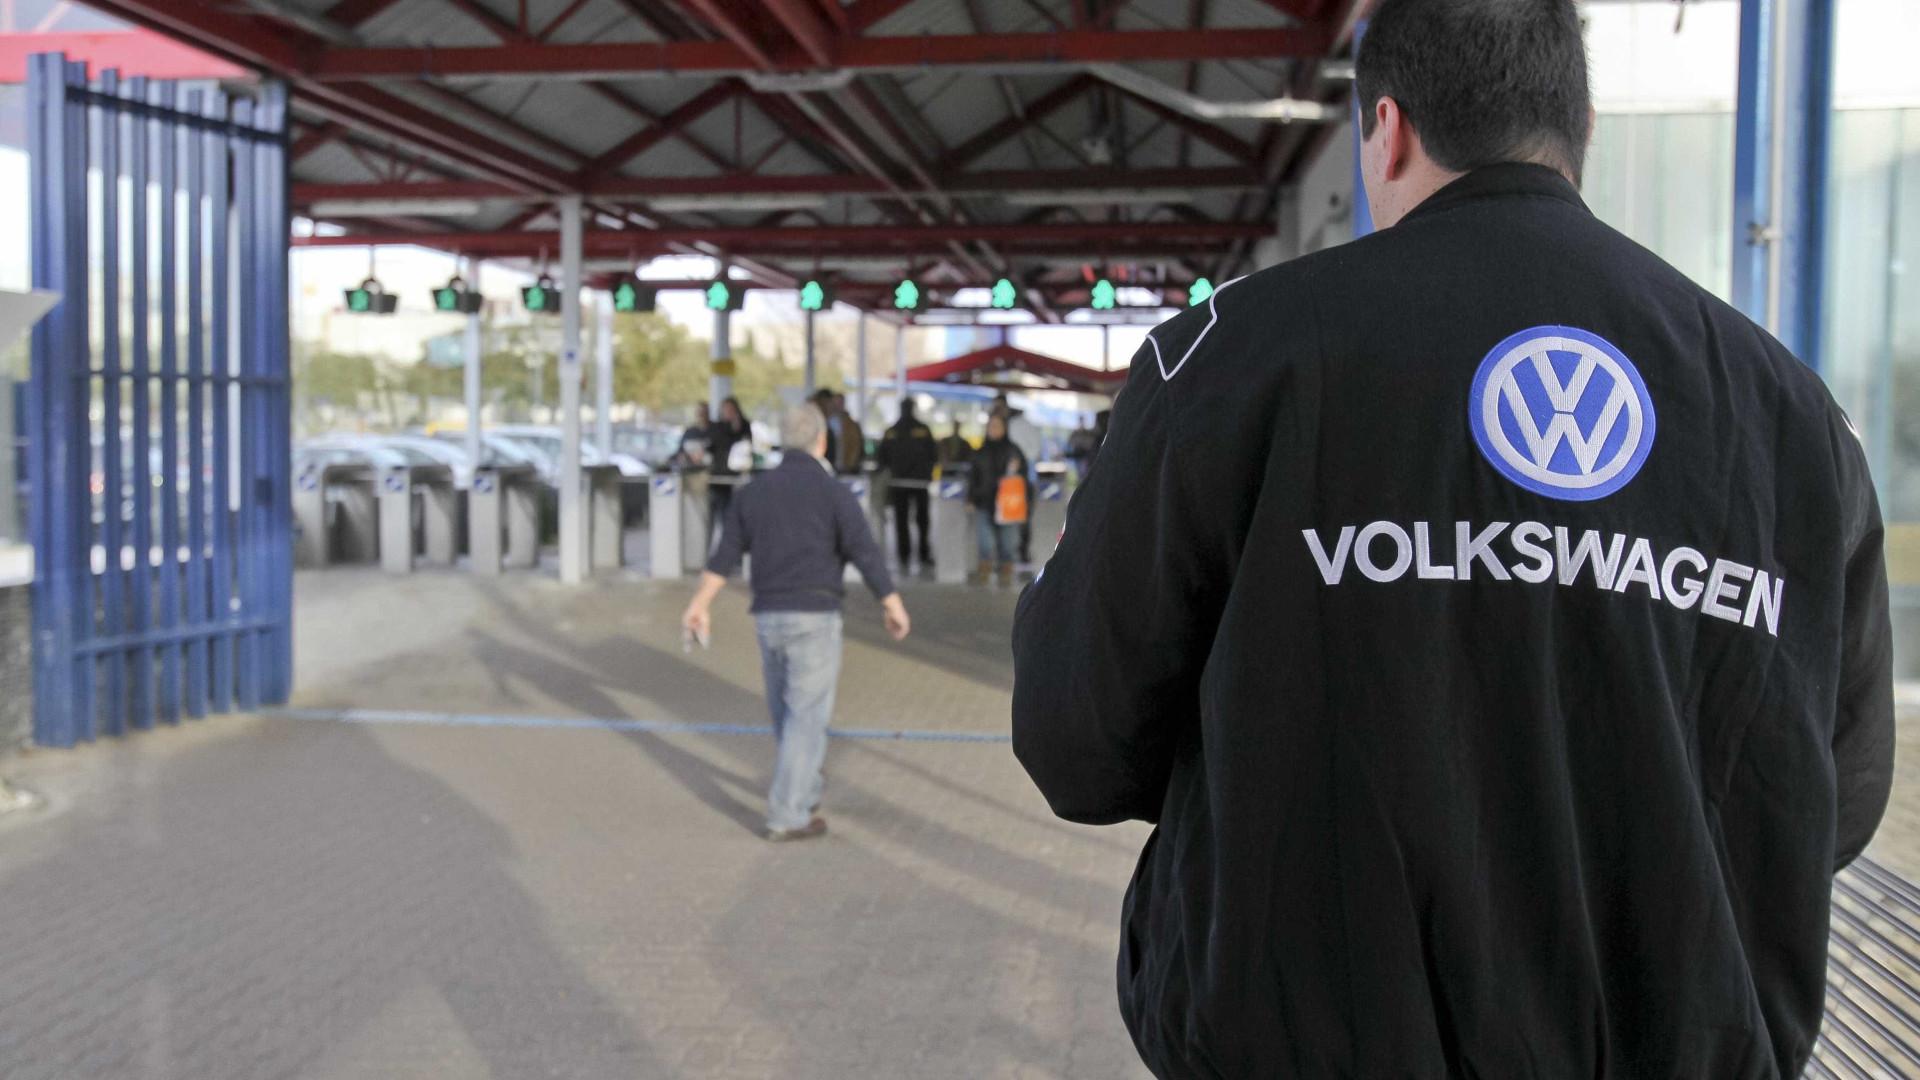 Autoeuropa: Direita responsabiliza PCP e Bloco de Esquerda